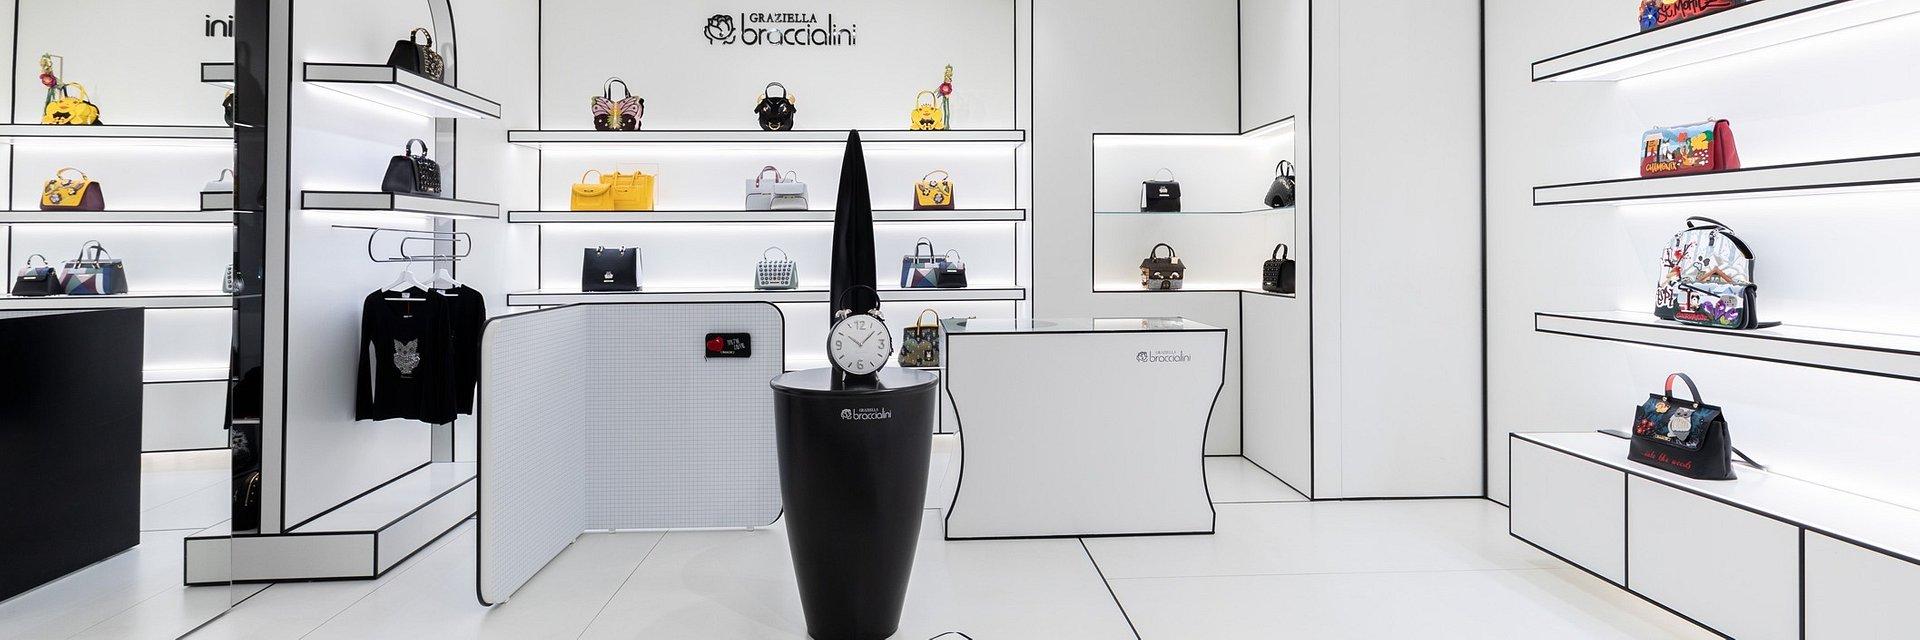 Braccialini by Studio Svetti Architecture